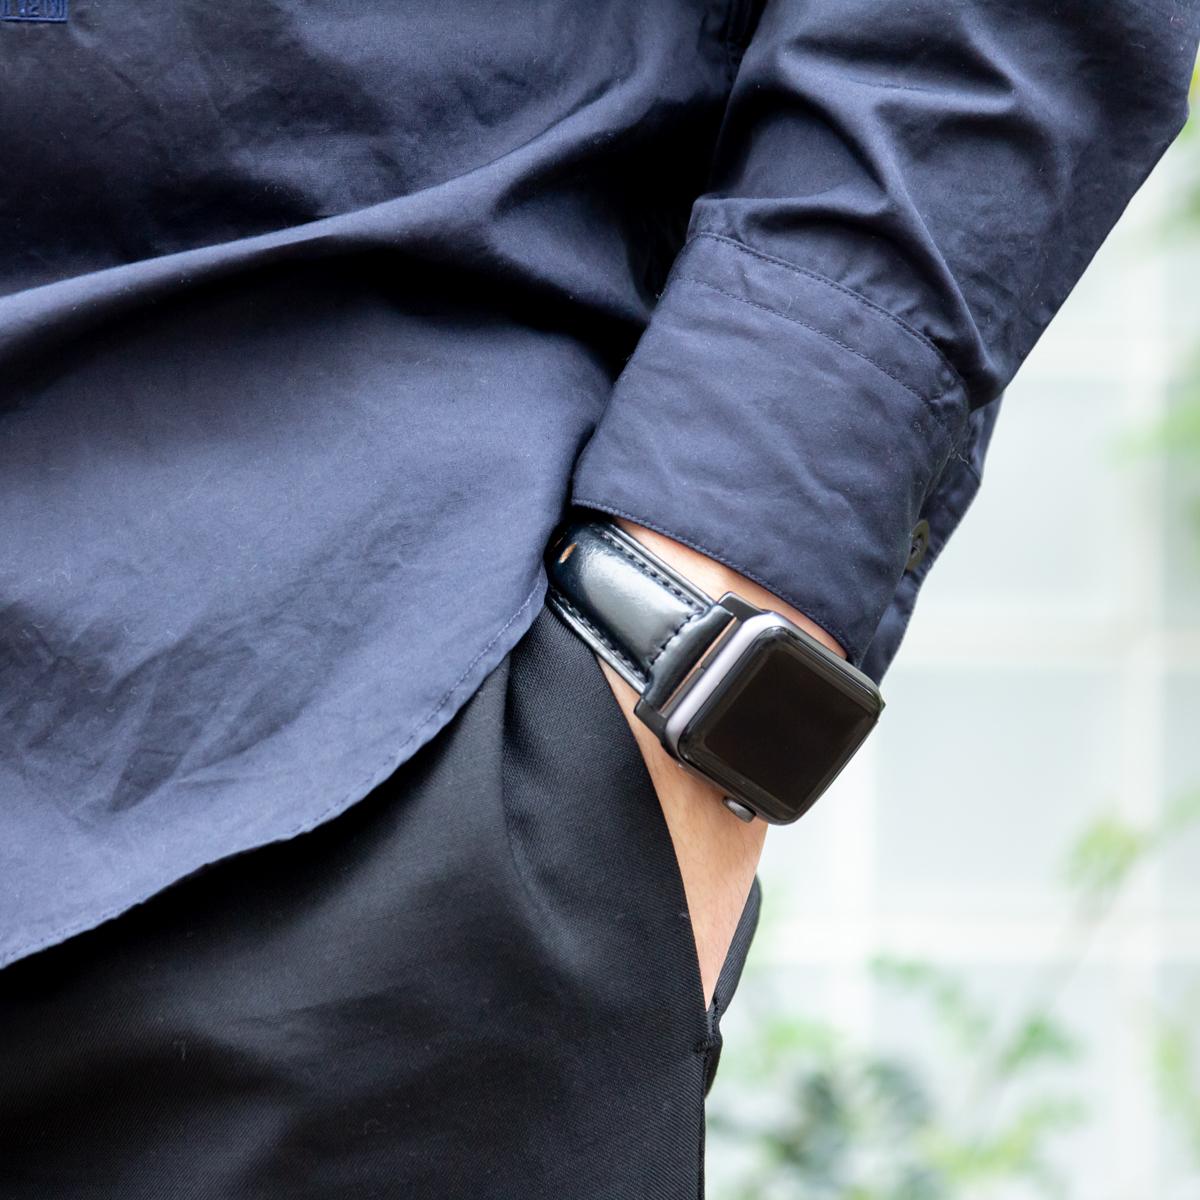 シーンや装いに合わせて、ジャケットを羽織るのと同じ感覚で、Apple Watchの盛装を楽しむ。希少革「シェルコードバン」のApple Watchバンド| NOMAD